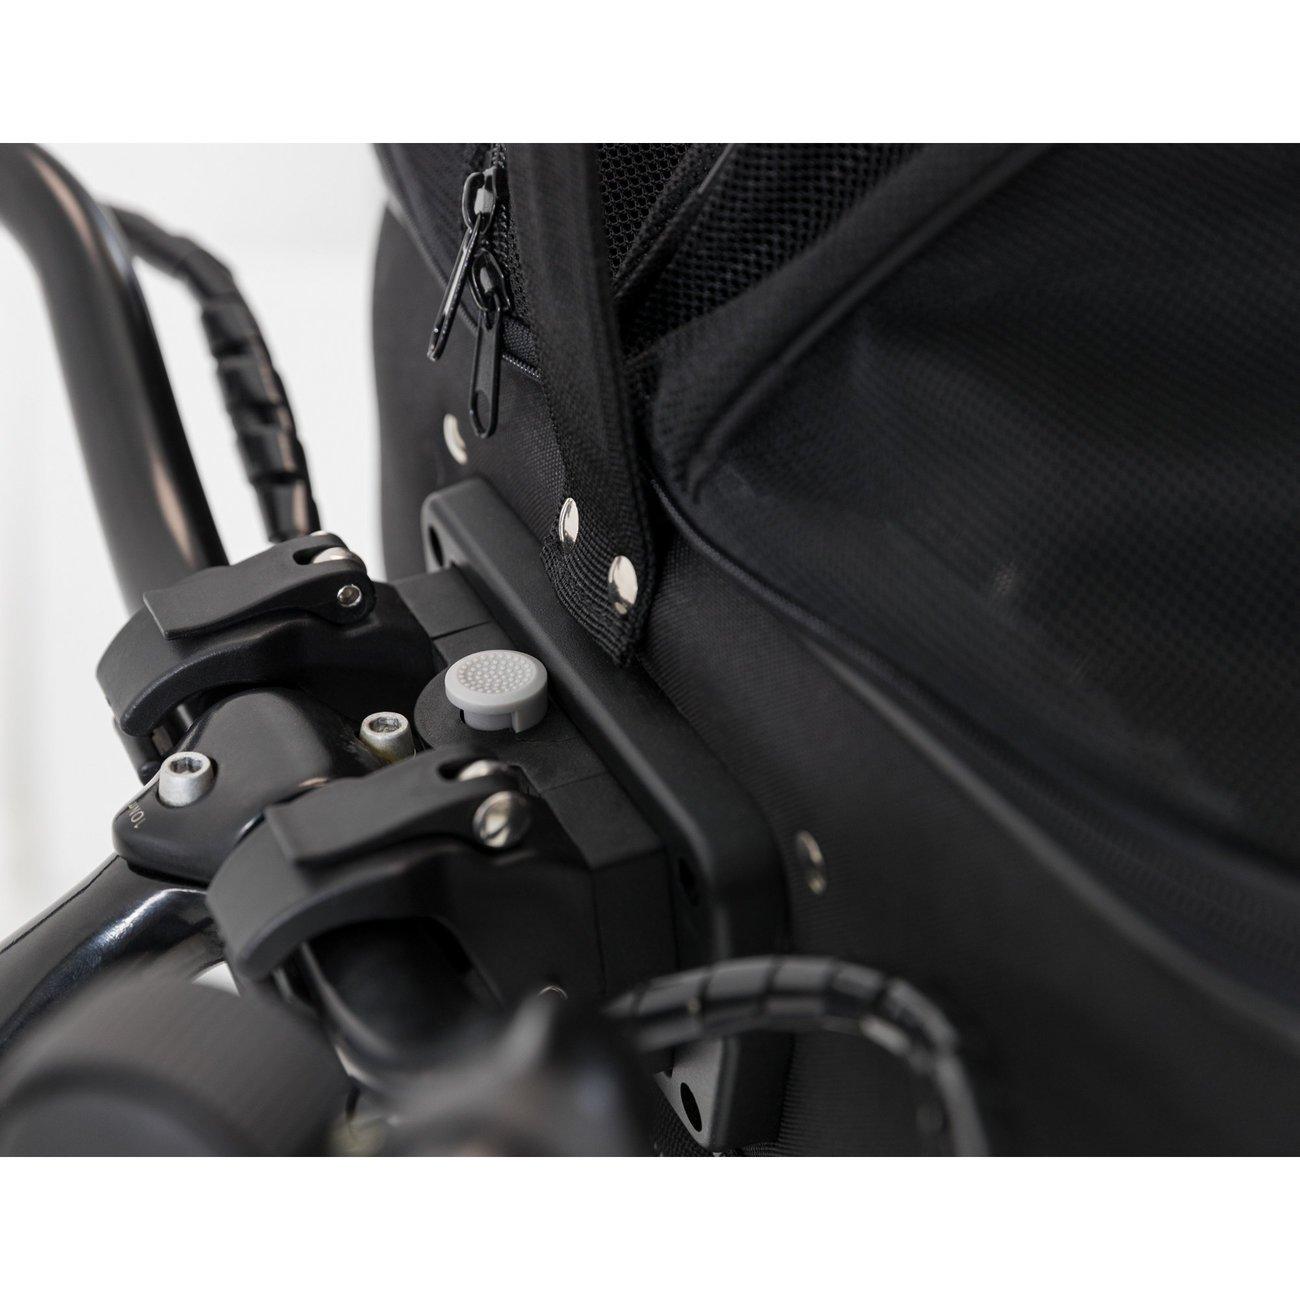 TRIXIE Lenker Front-Fahrradkorb für Hunde 13108, Bild 8